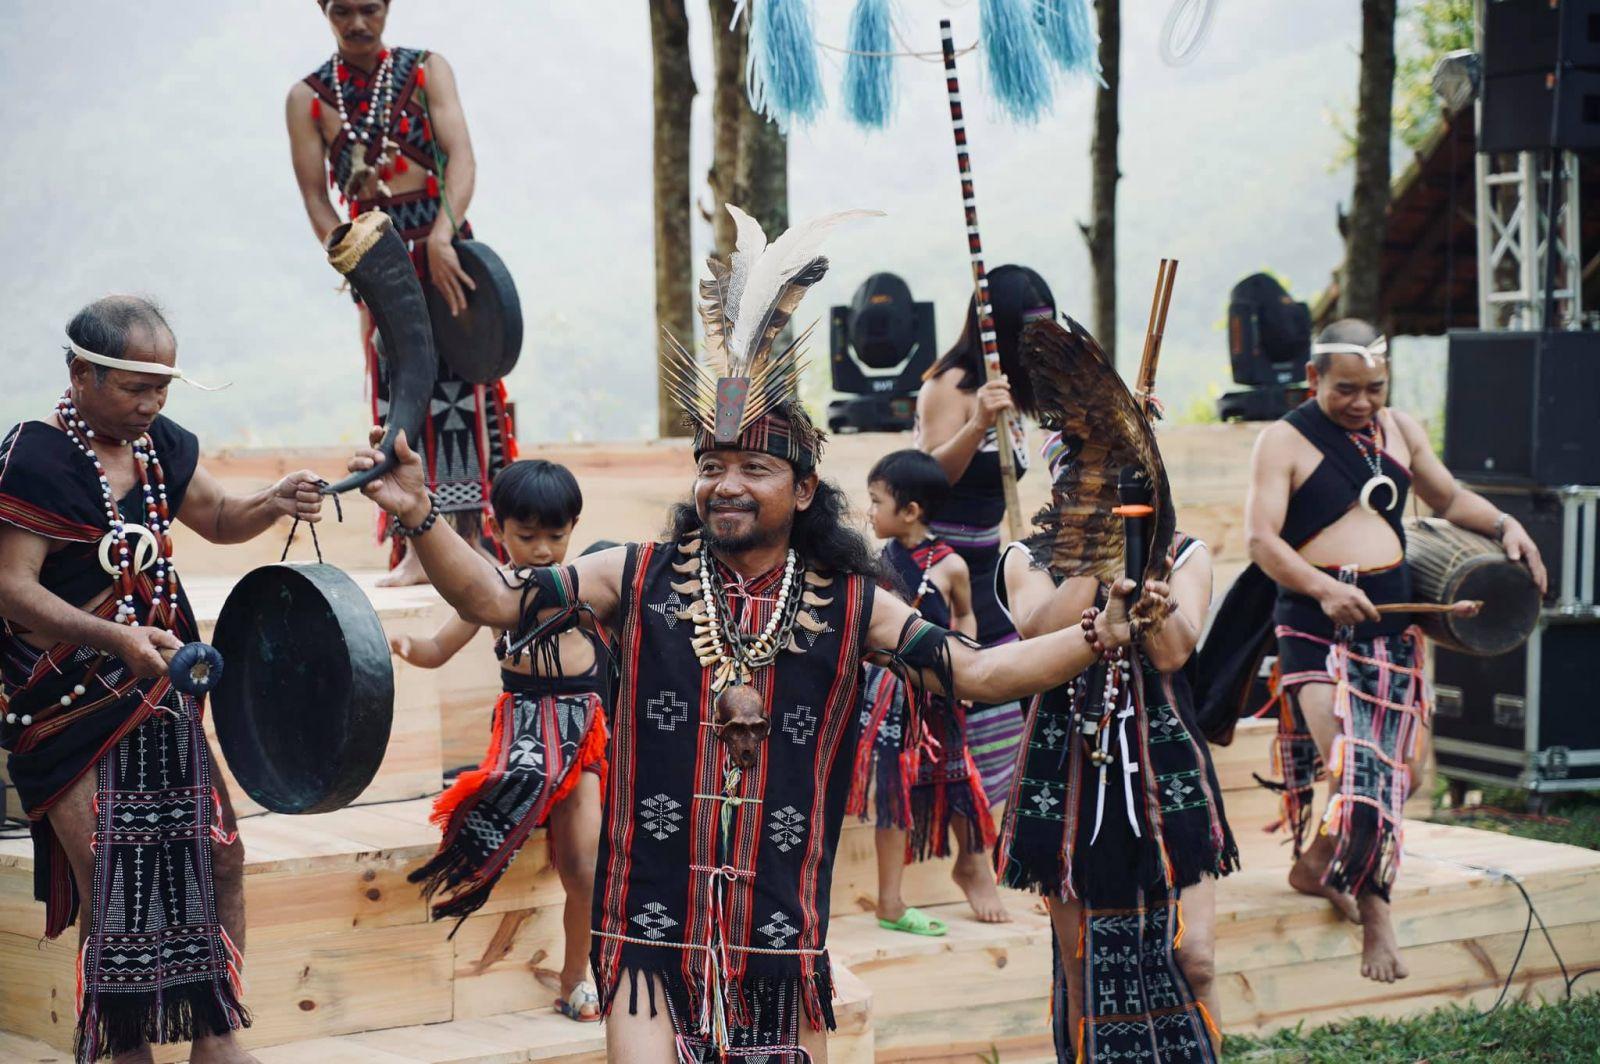 """""""Toom Sara Fest Mùa yêu"""" được tổ chức trong 2 ngày 27 – 28/3 tại Làng Toom Sara."""